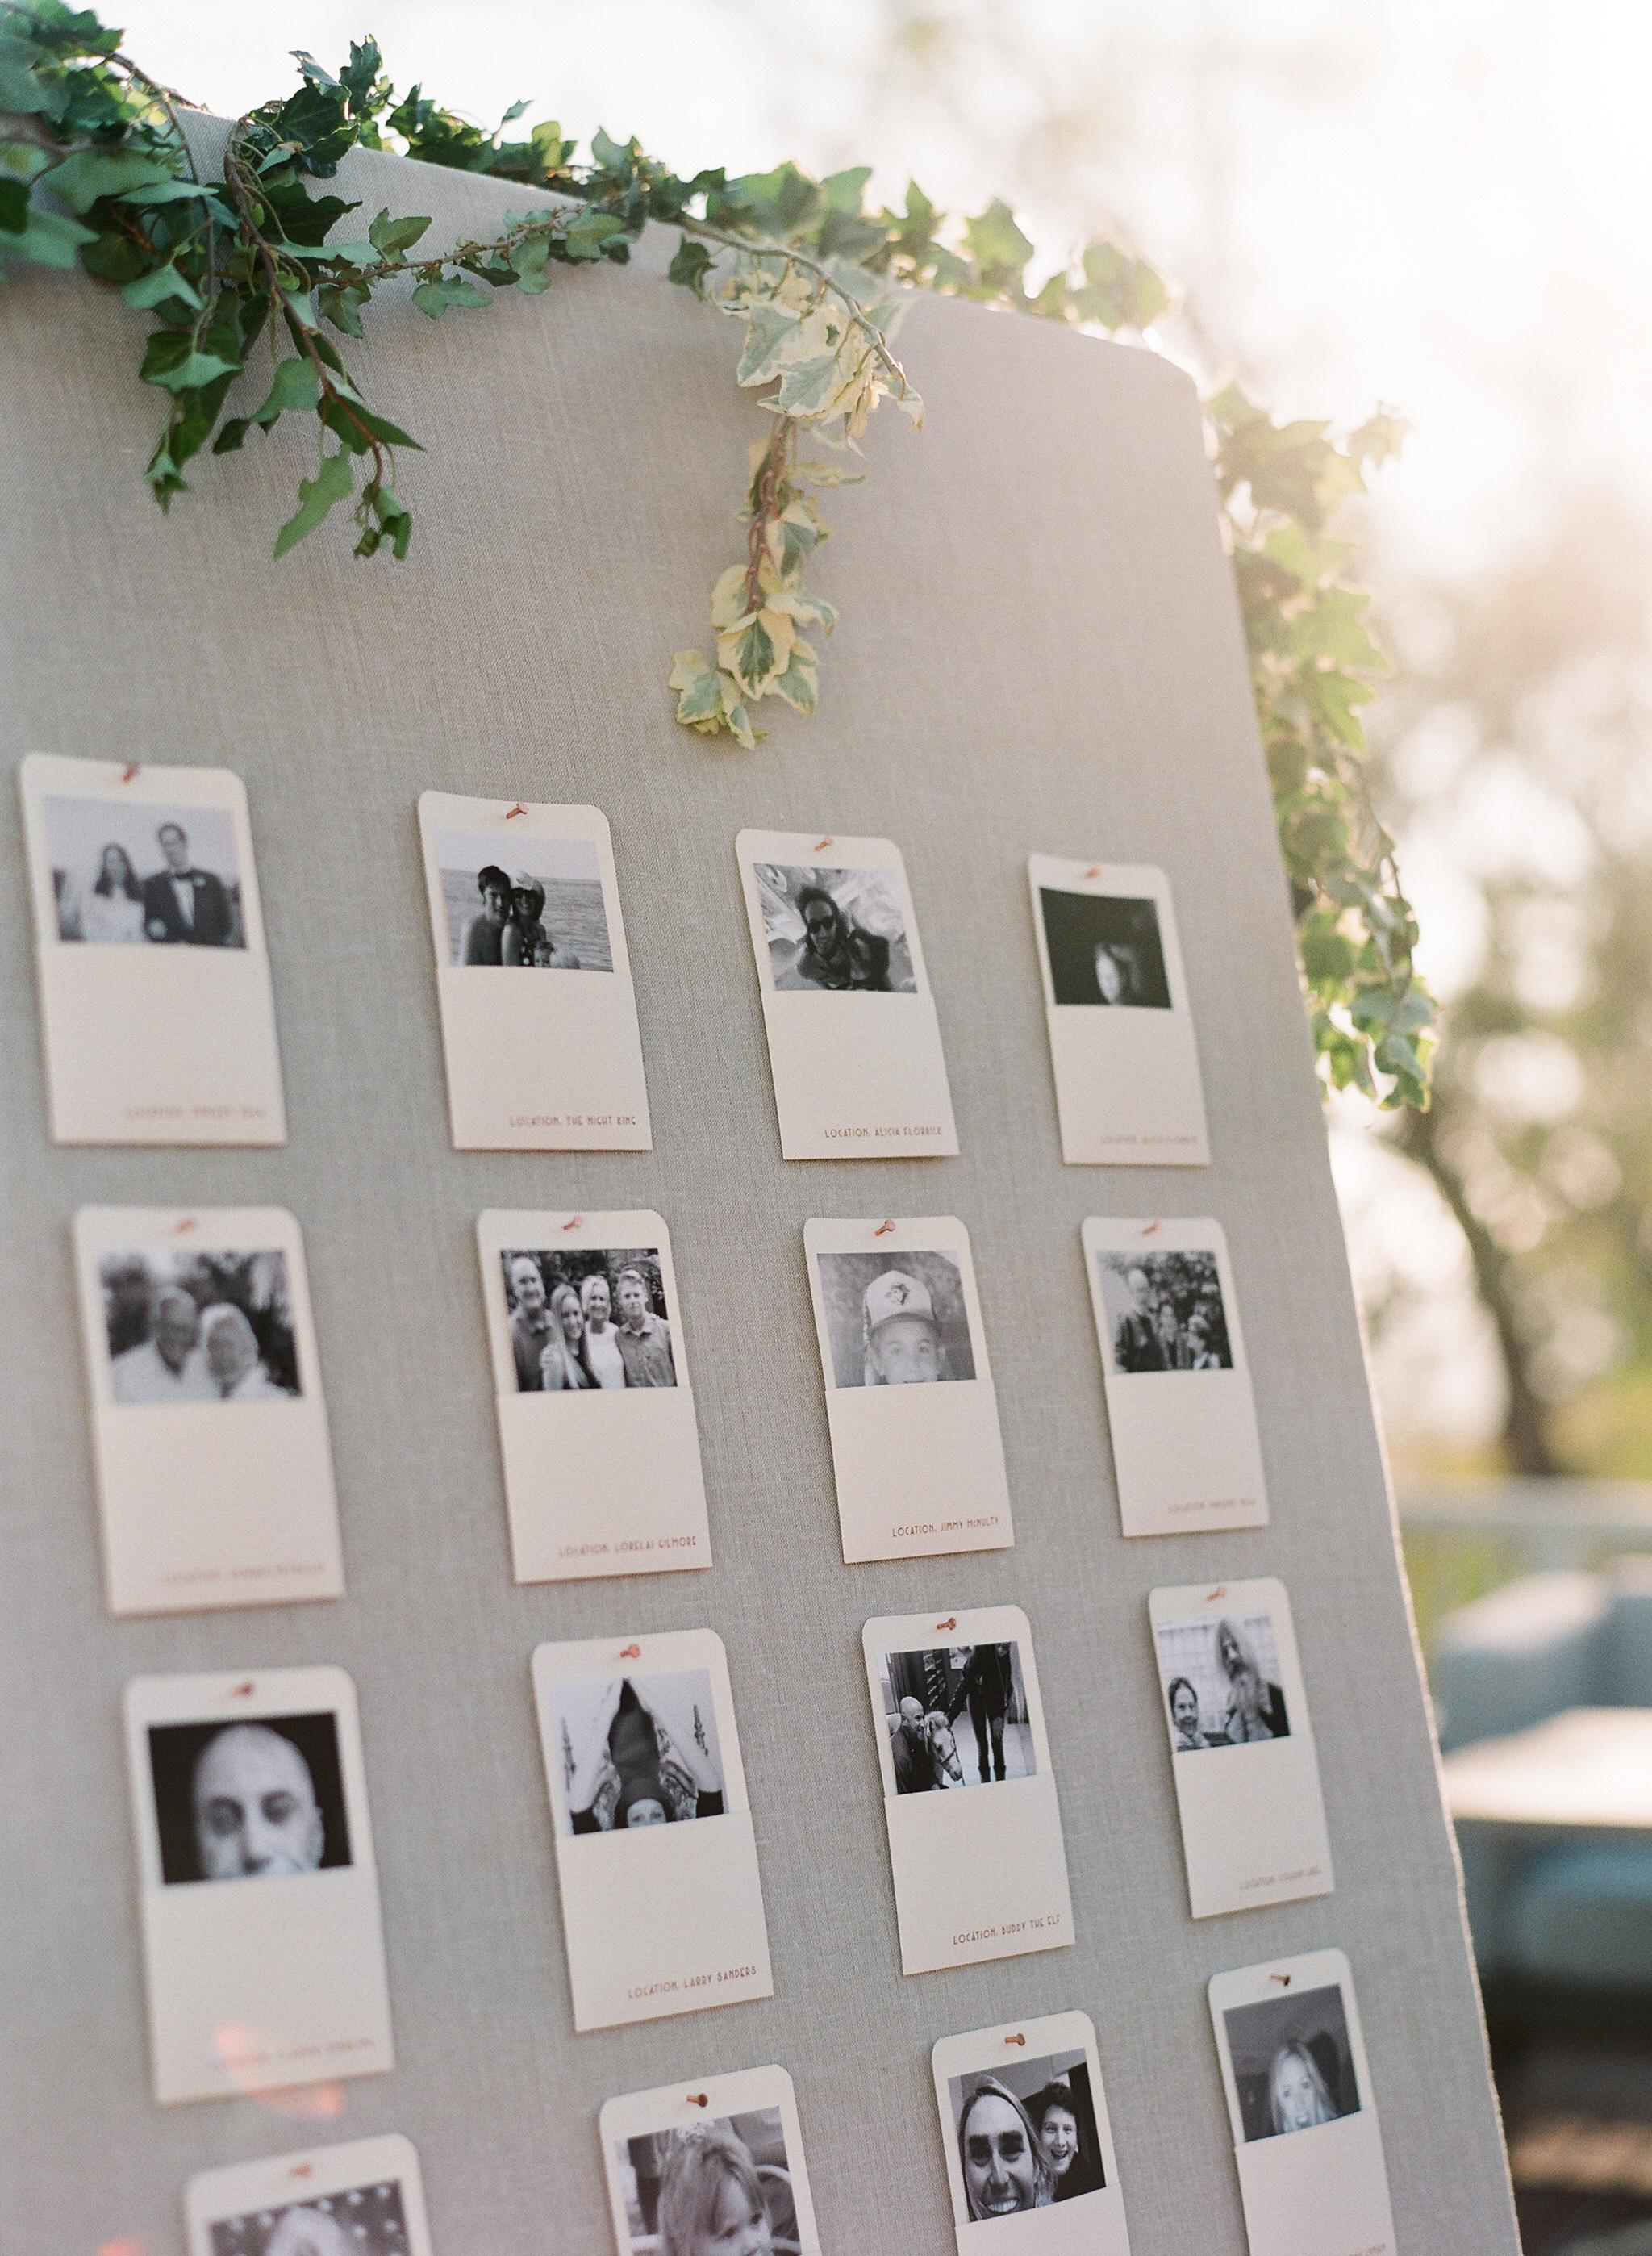 katy michael wedding seating chart